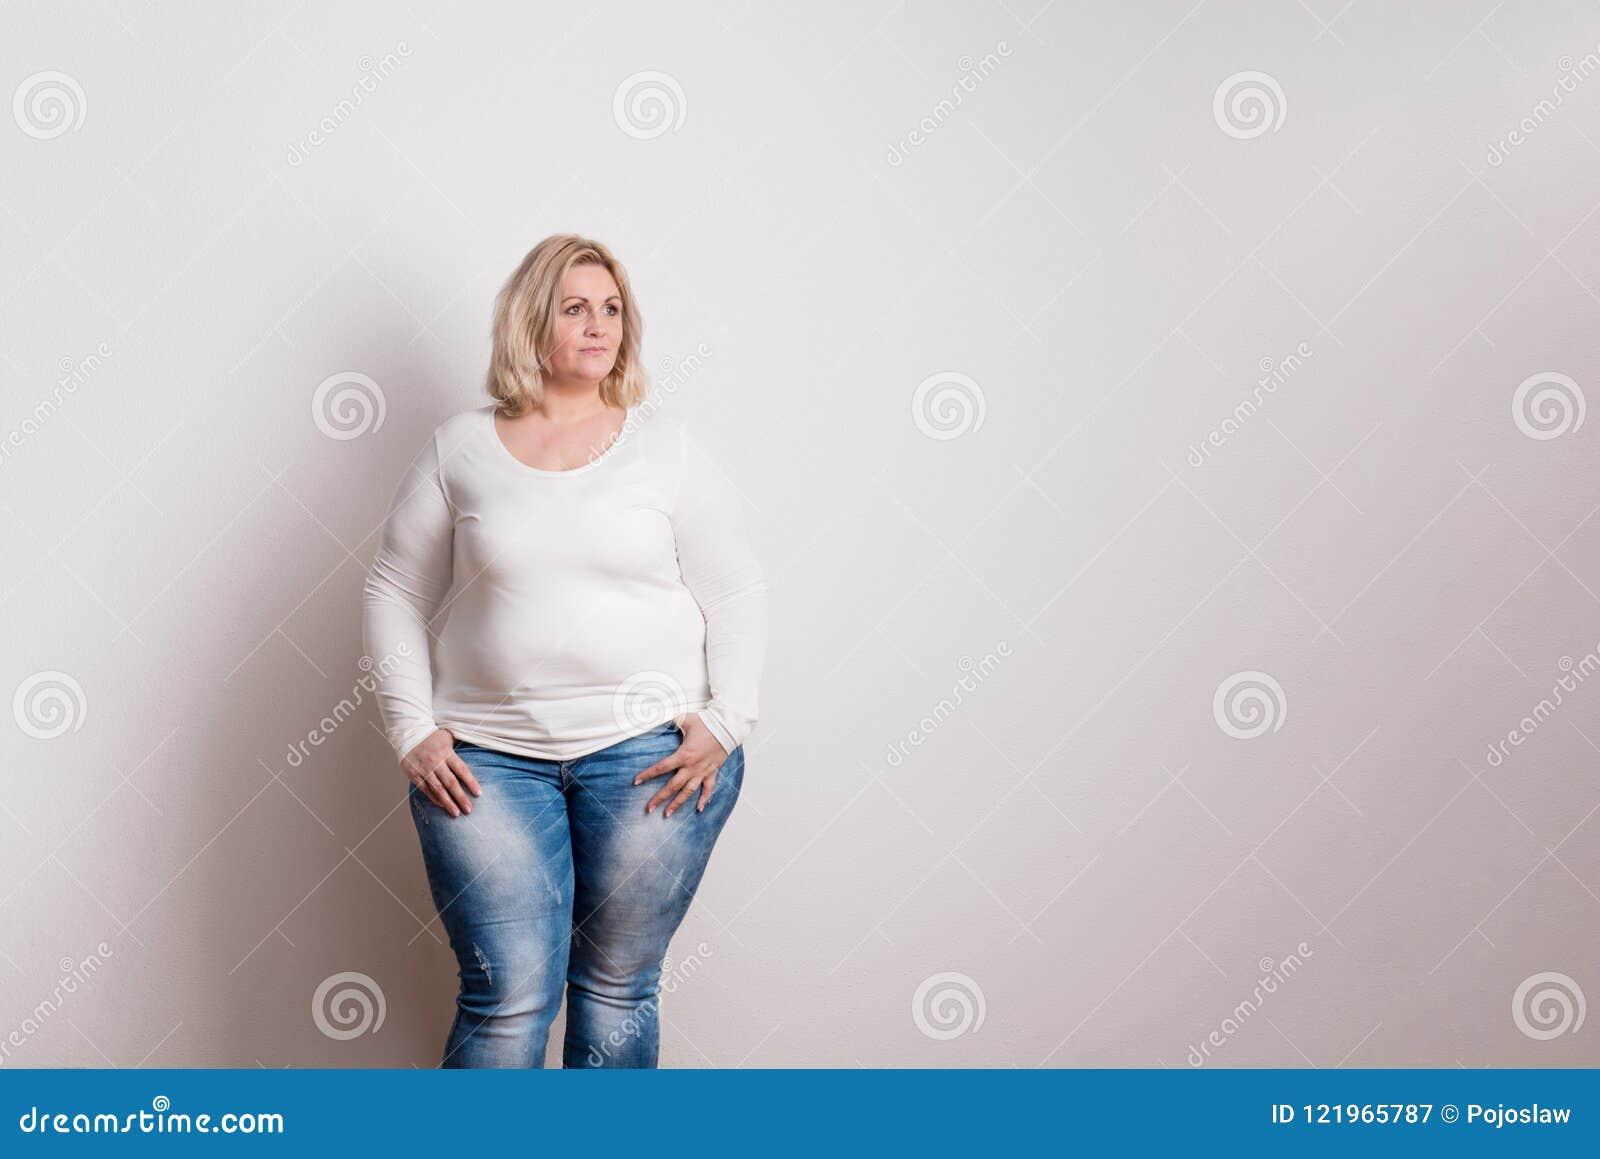 Portrait d une femme de poids excessif attirante dans le studio sur un fond blanc